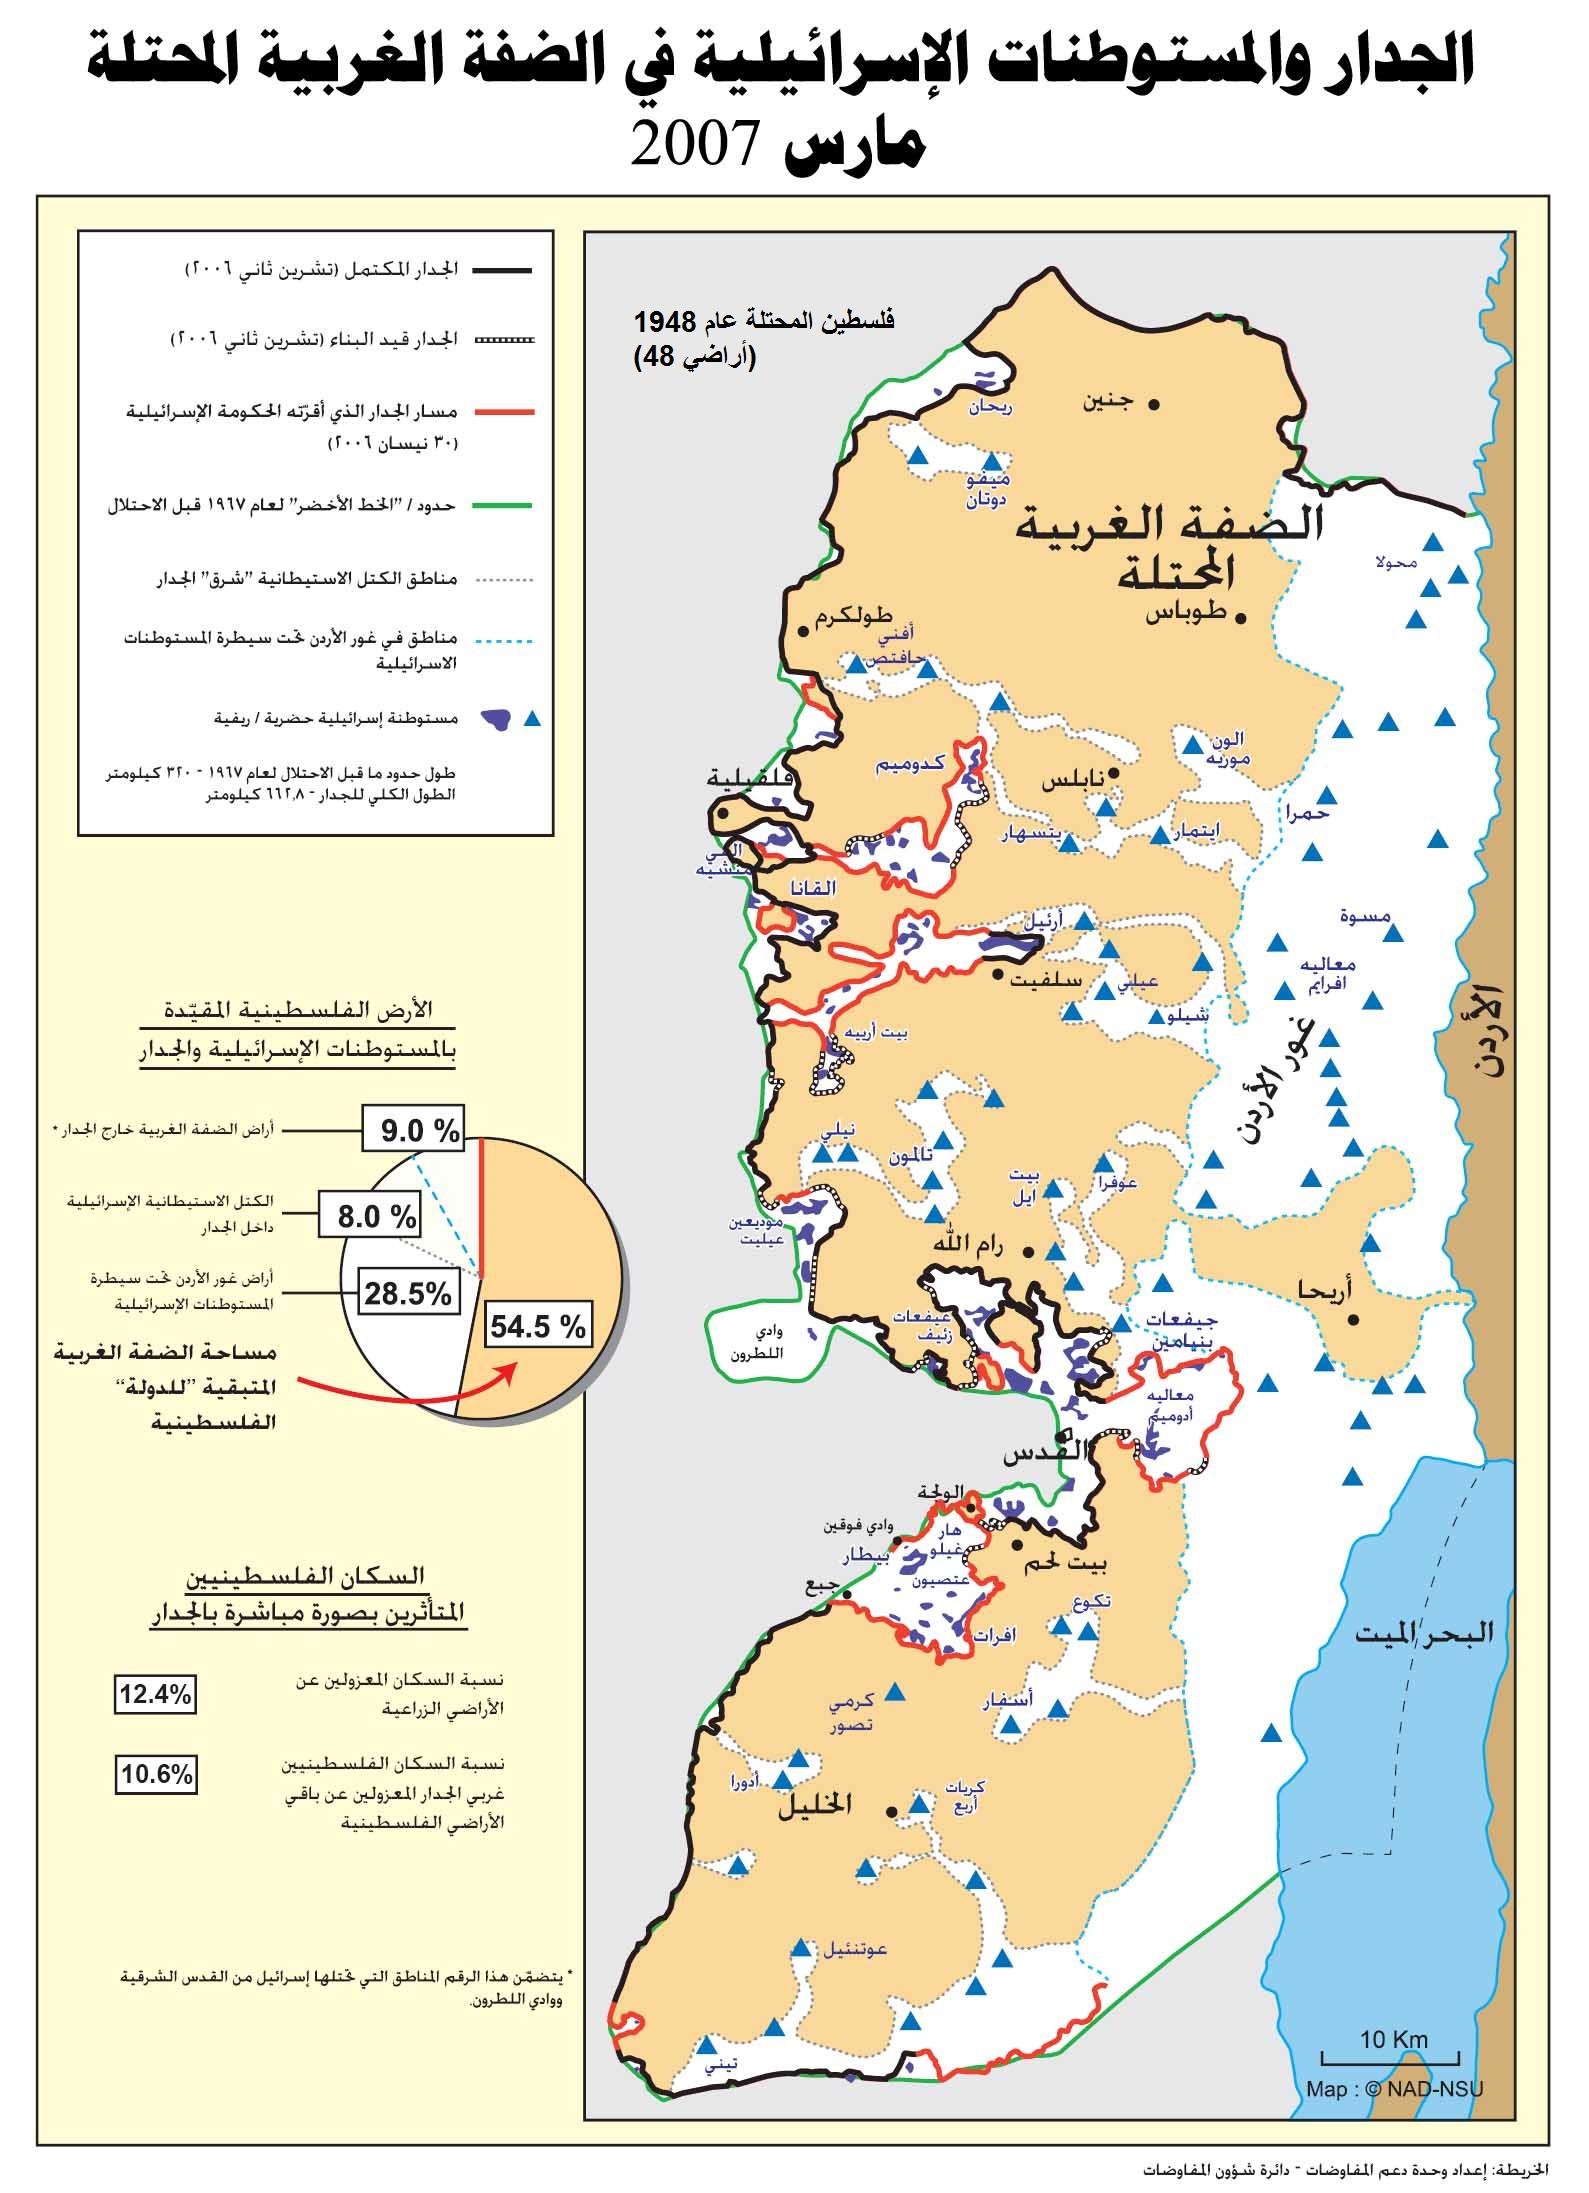 الجدار العازل والمستوطنات الإسرائيلية - 2007